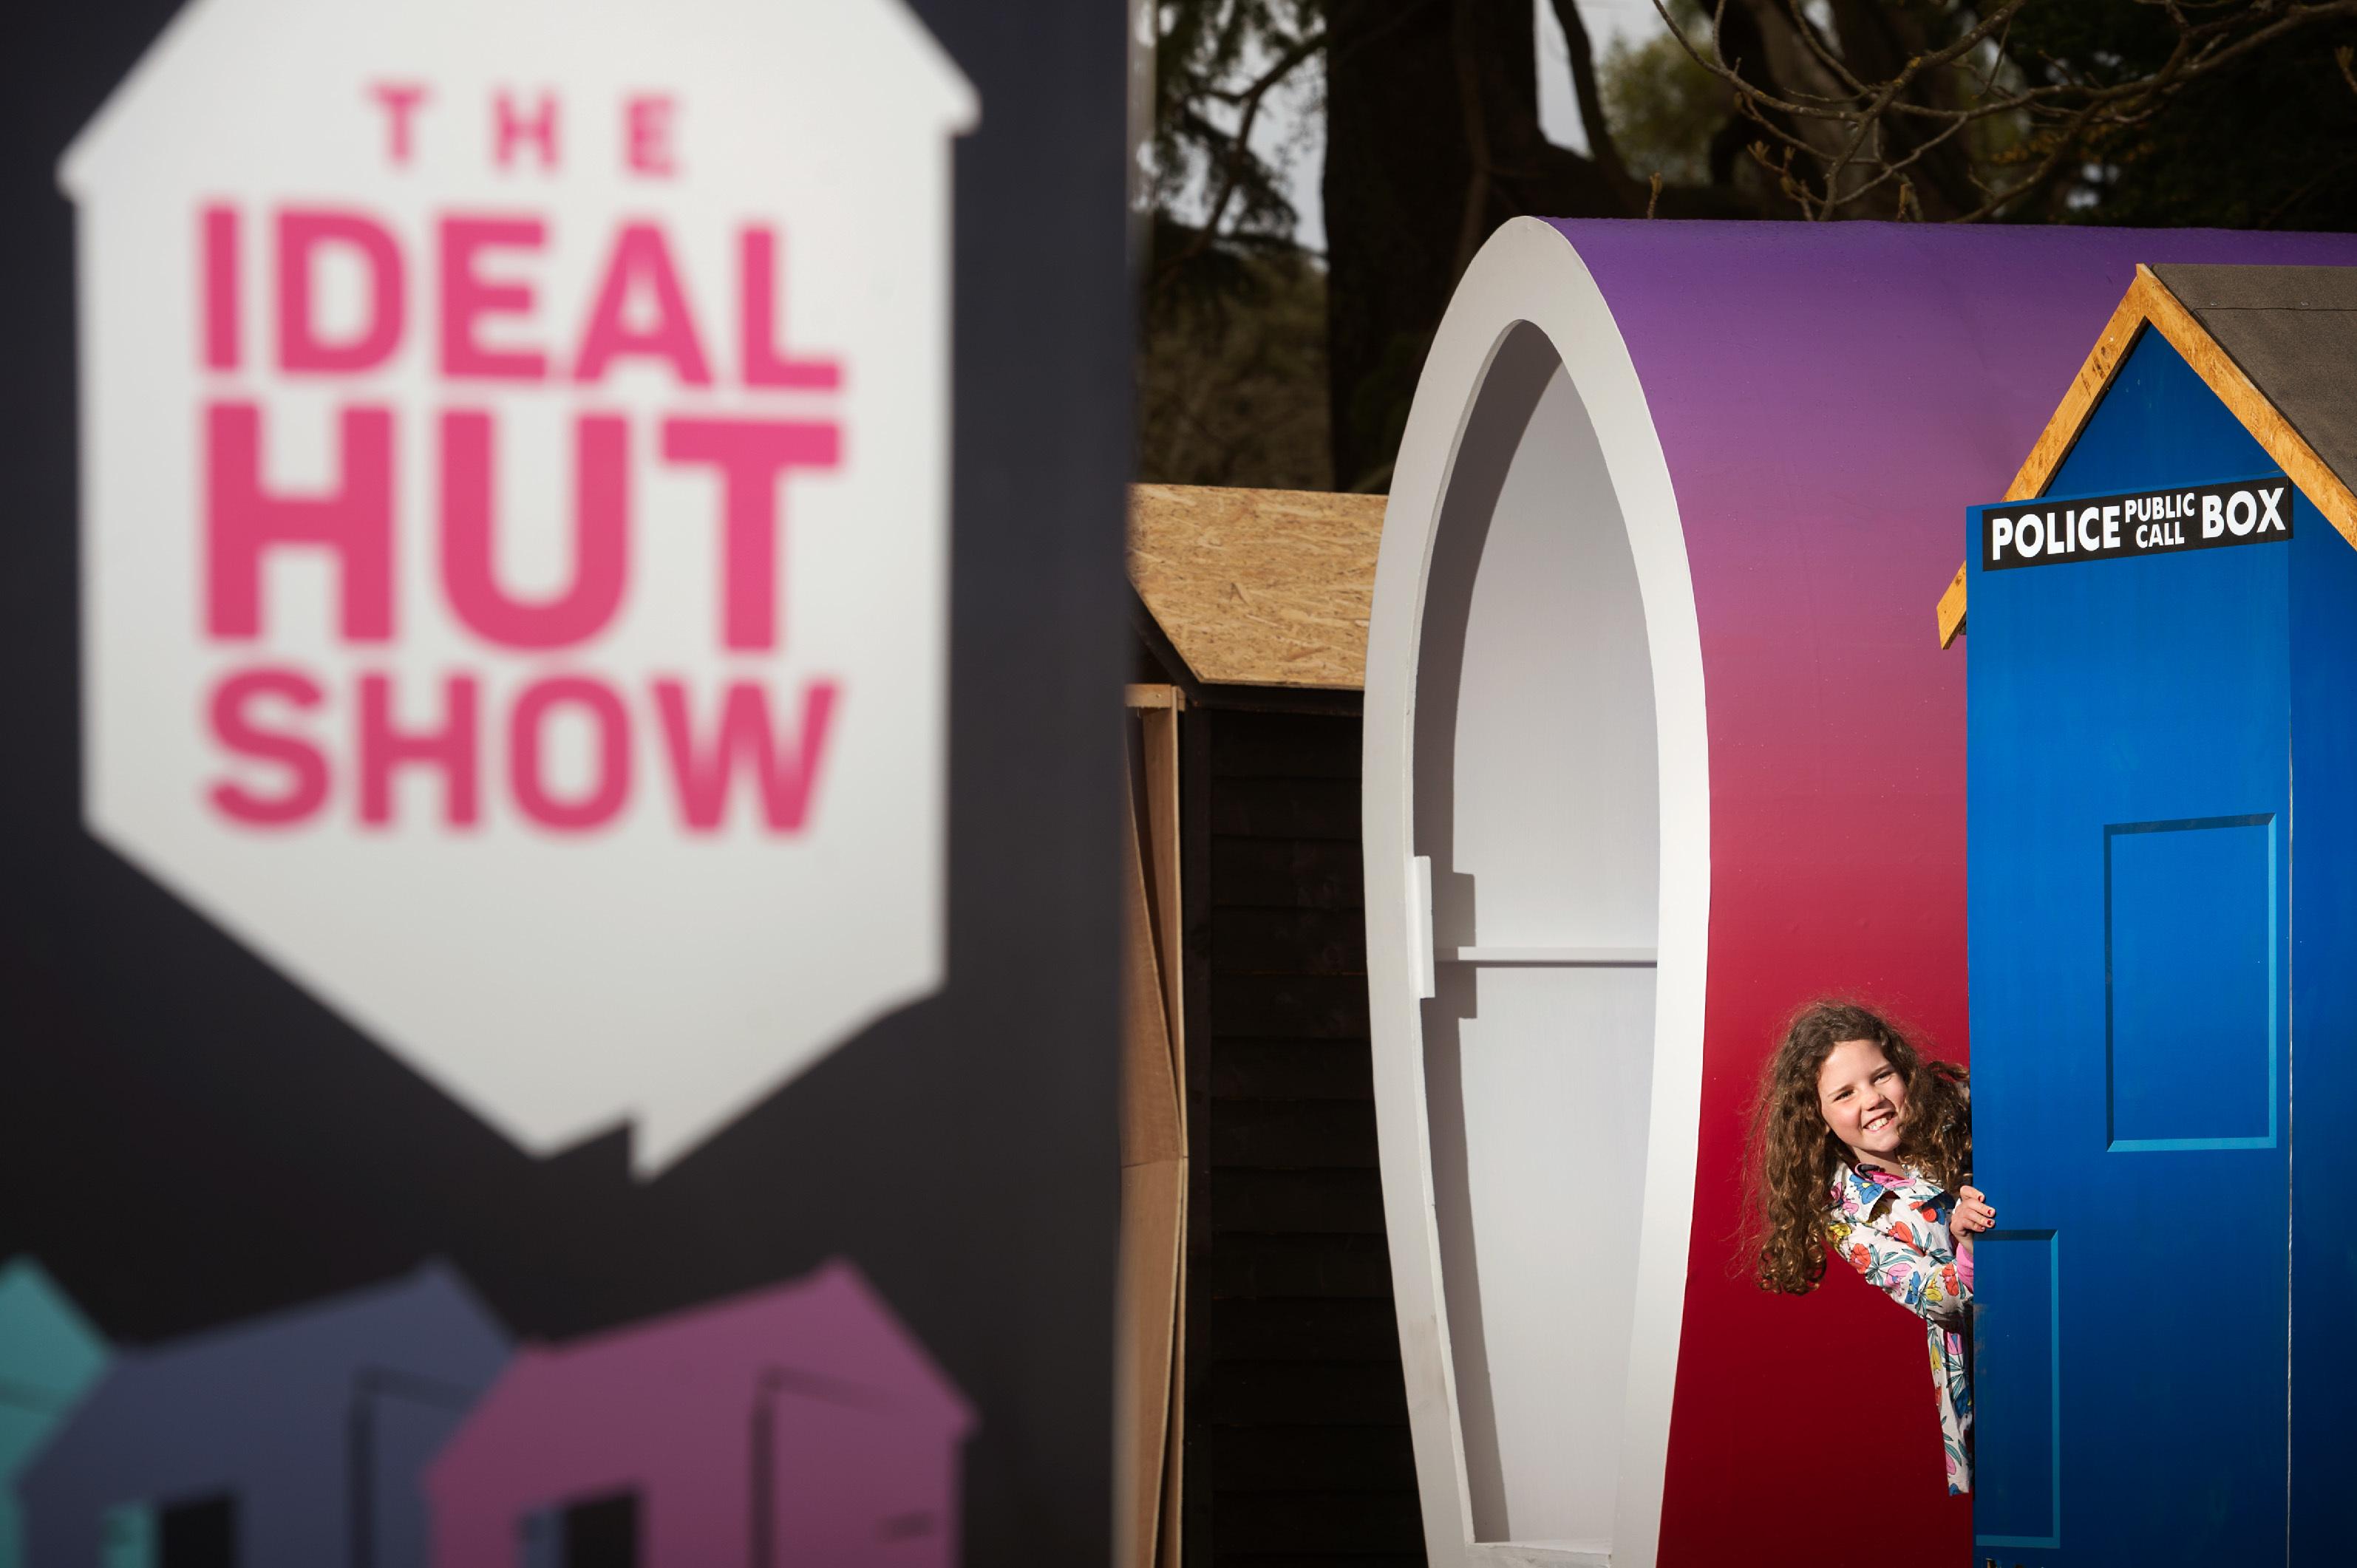 Ideal Hut Show.